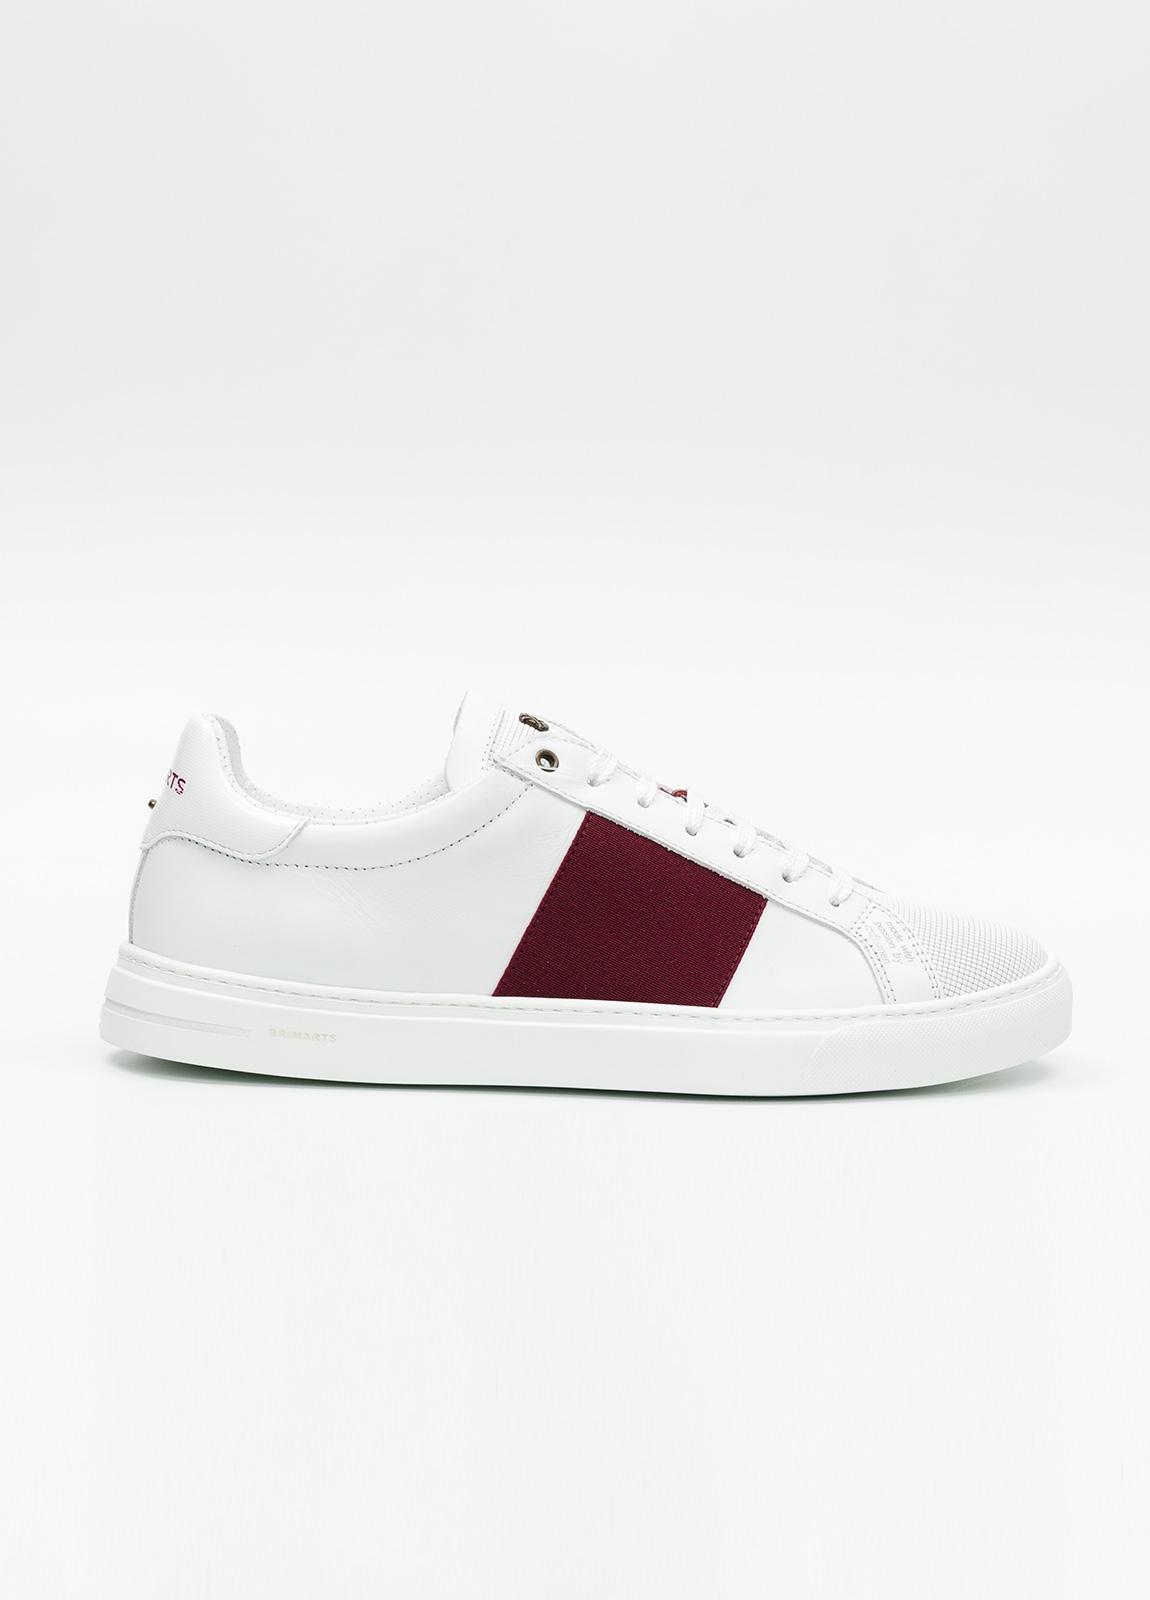 Calzado sport color blanco con detalles granates. 100% Piel.